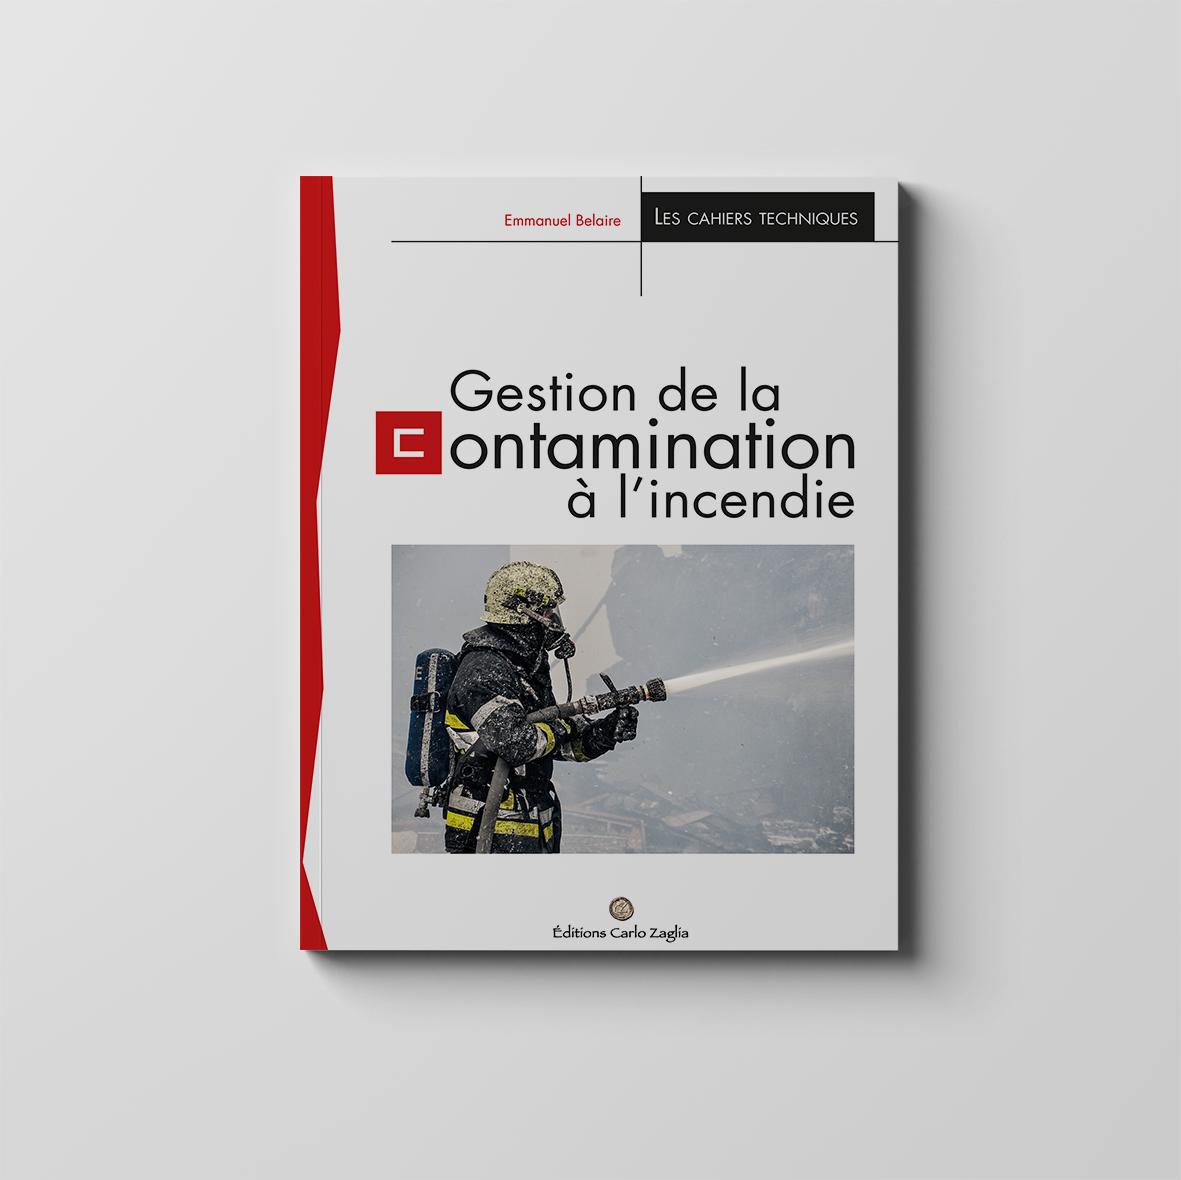 Gestion de la contamination à l'incendie